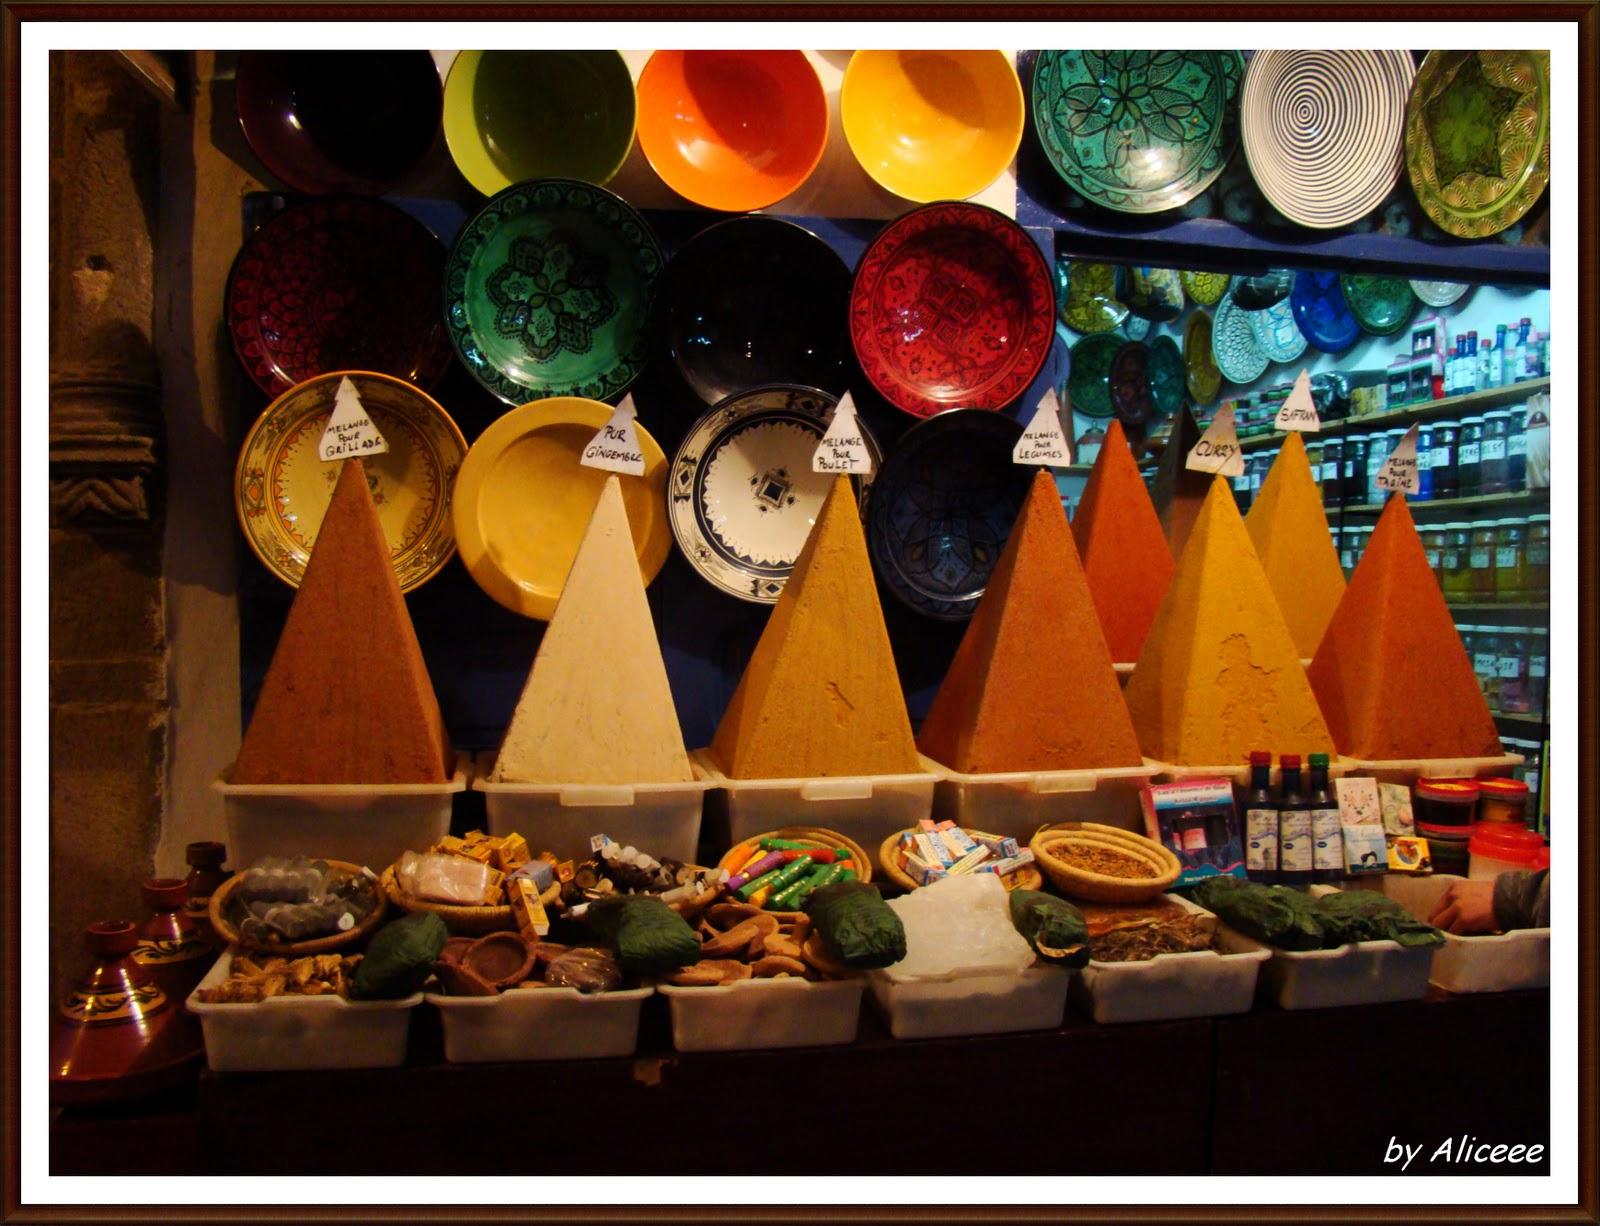 piata-de-condimente-maroc